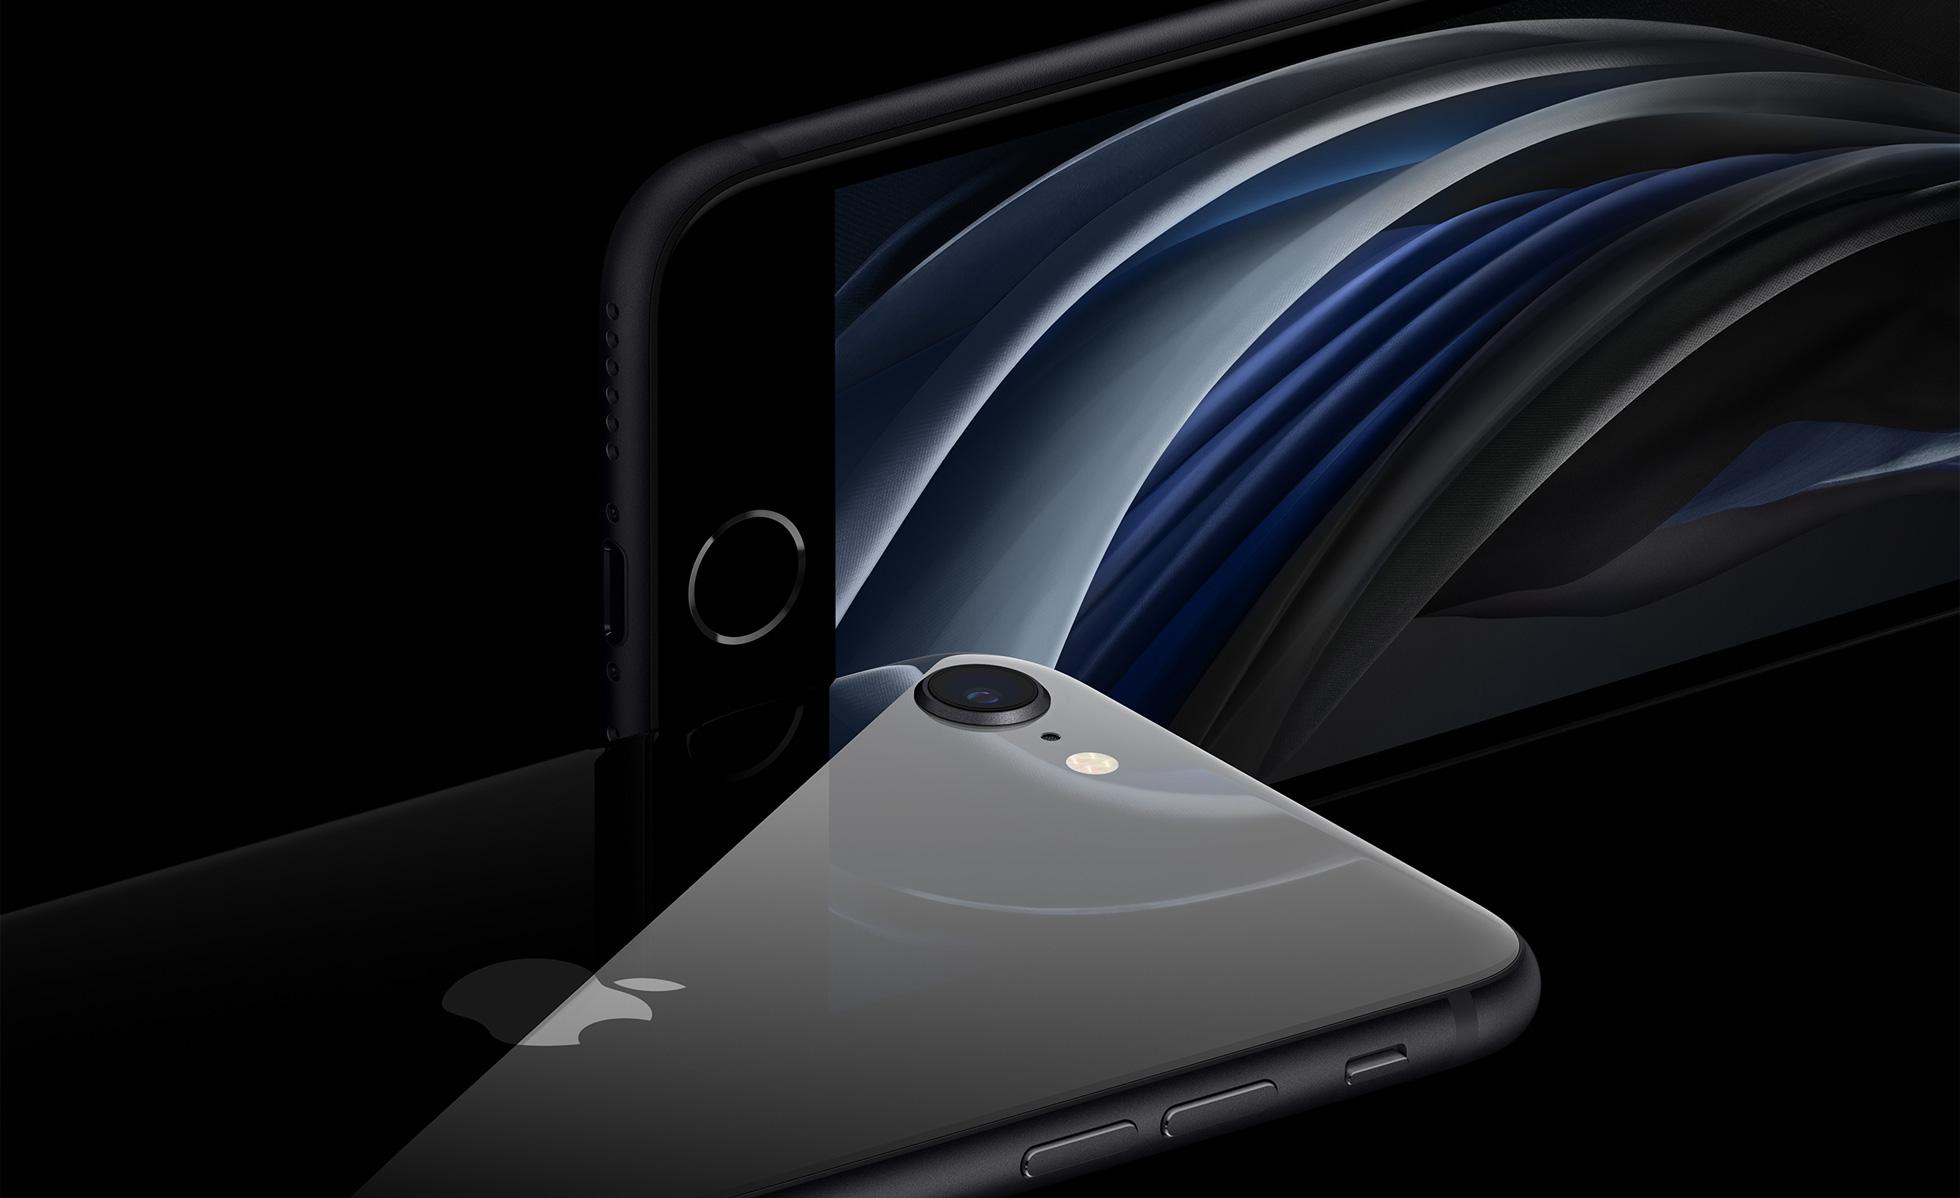 एप्पलको सबैभन्दा सस्तो बजेट मूल्यको आईफोन एसई लन्च, ३९९ अमेरिकी डलरमा नै किन्न पाईने